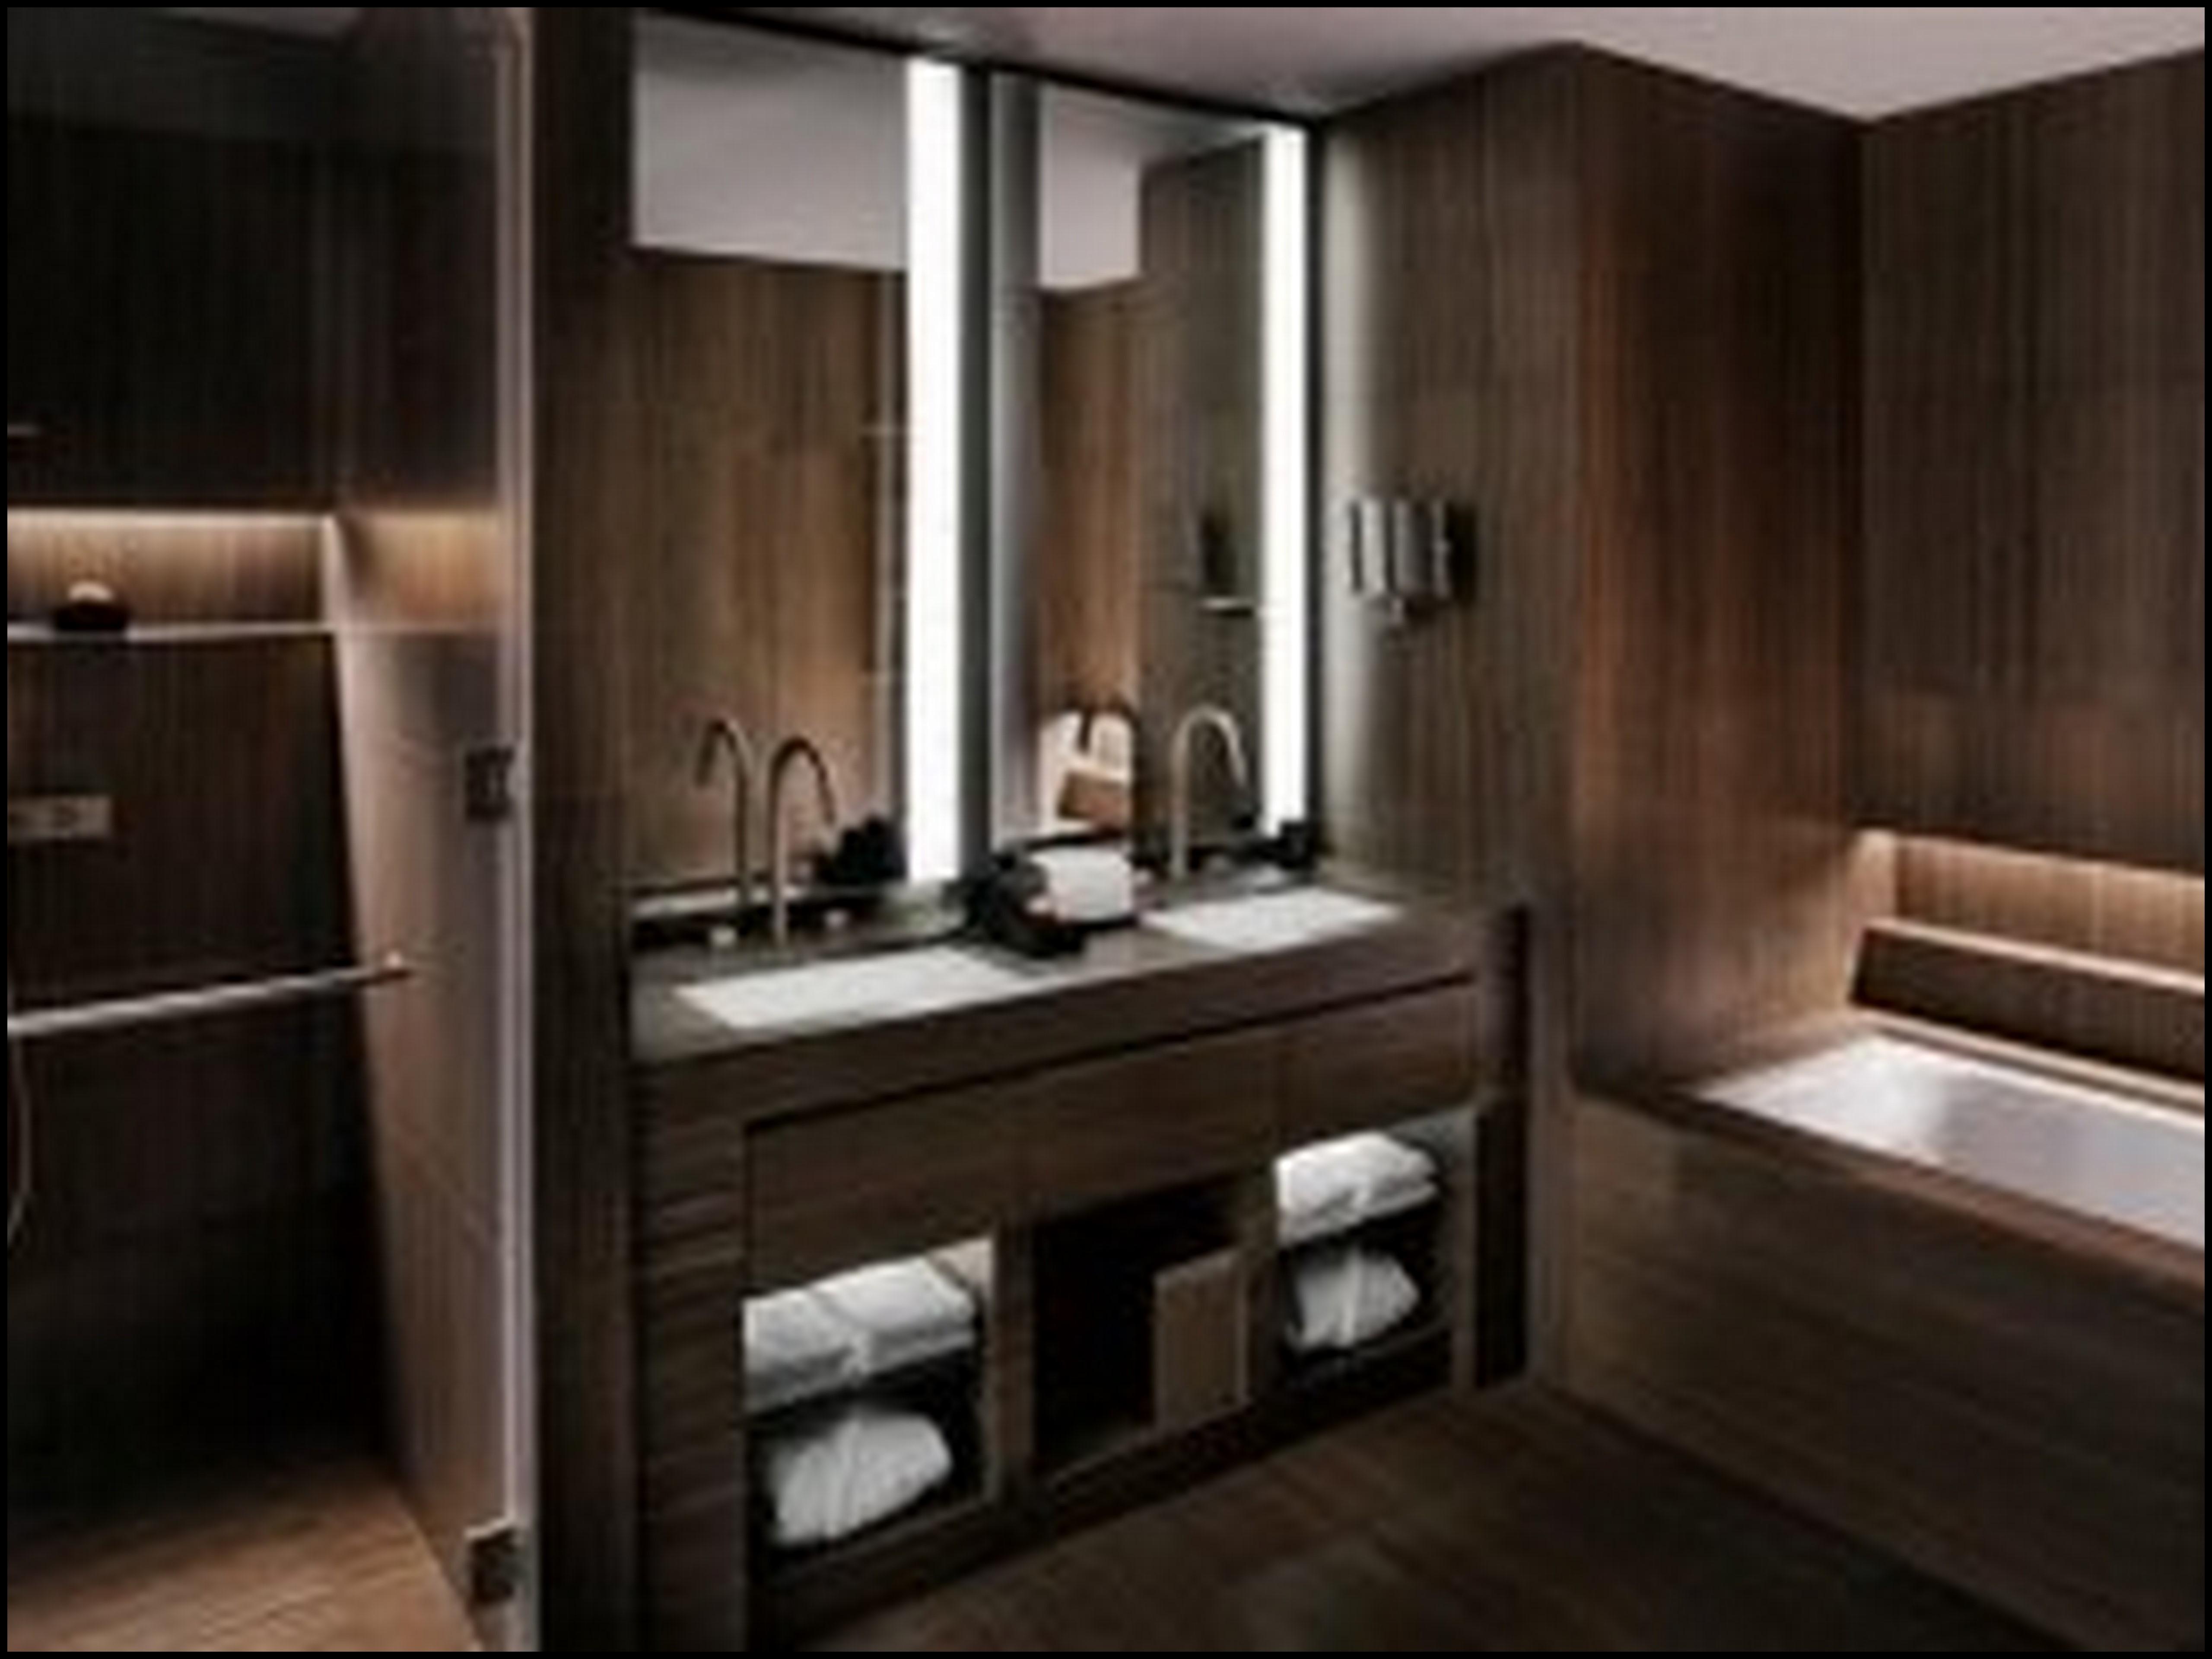 No banheiro piso em mármore de bambu verde do Brasil. #281F17 5120 3840